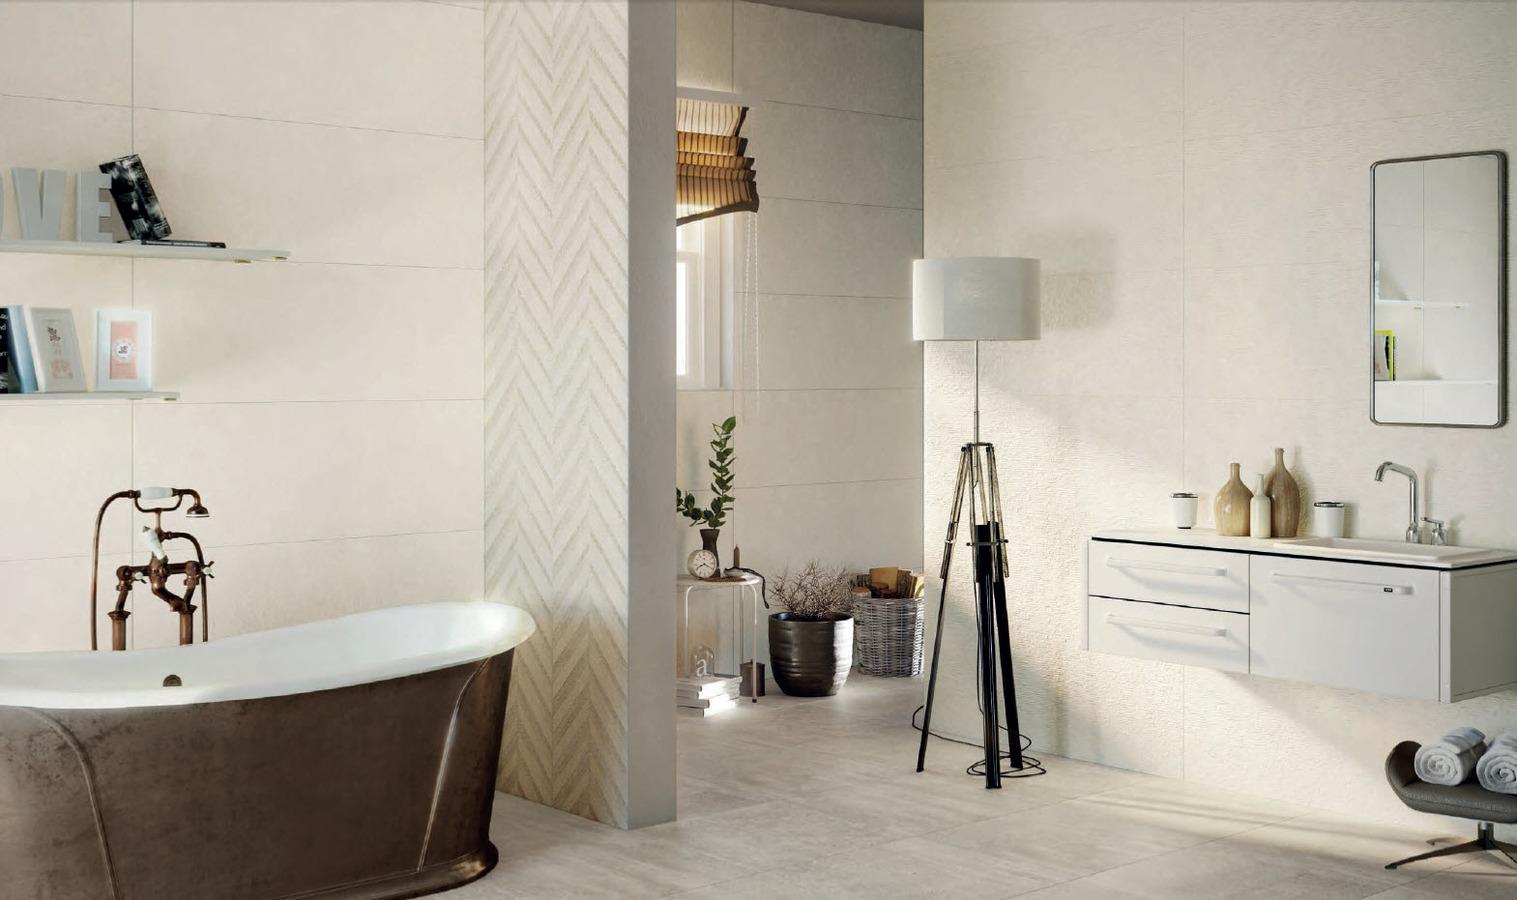 Fois luintrieur a t ajout ideabook par les with carrelage naxos start - Fournisseur salle de bain ...